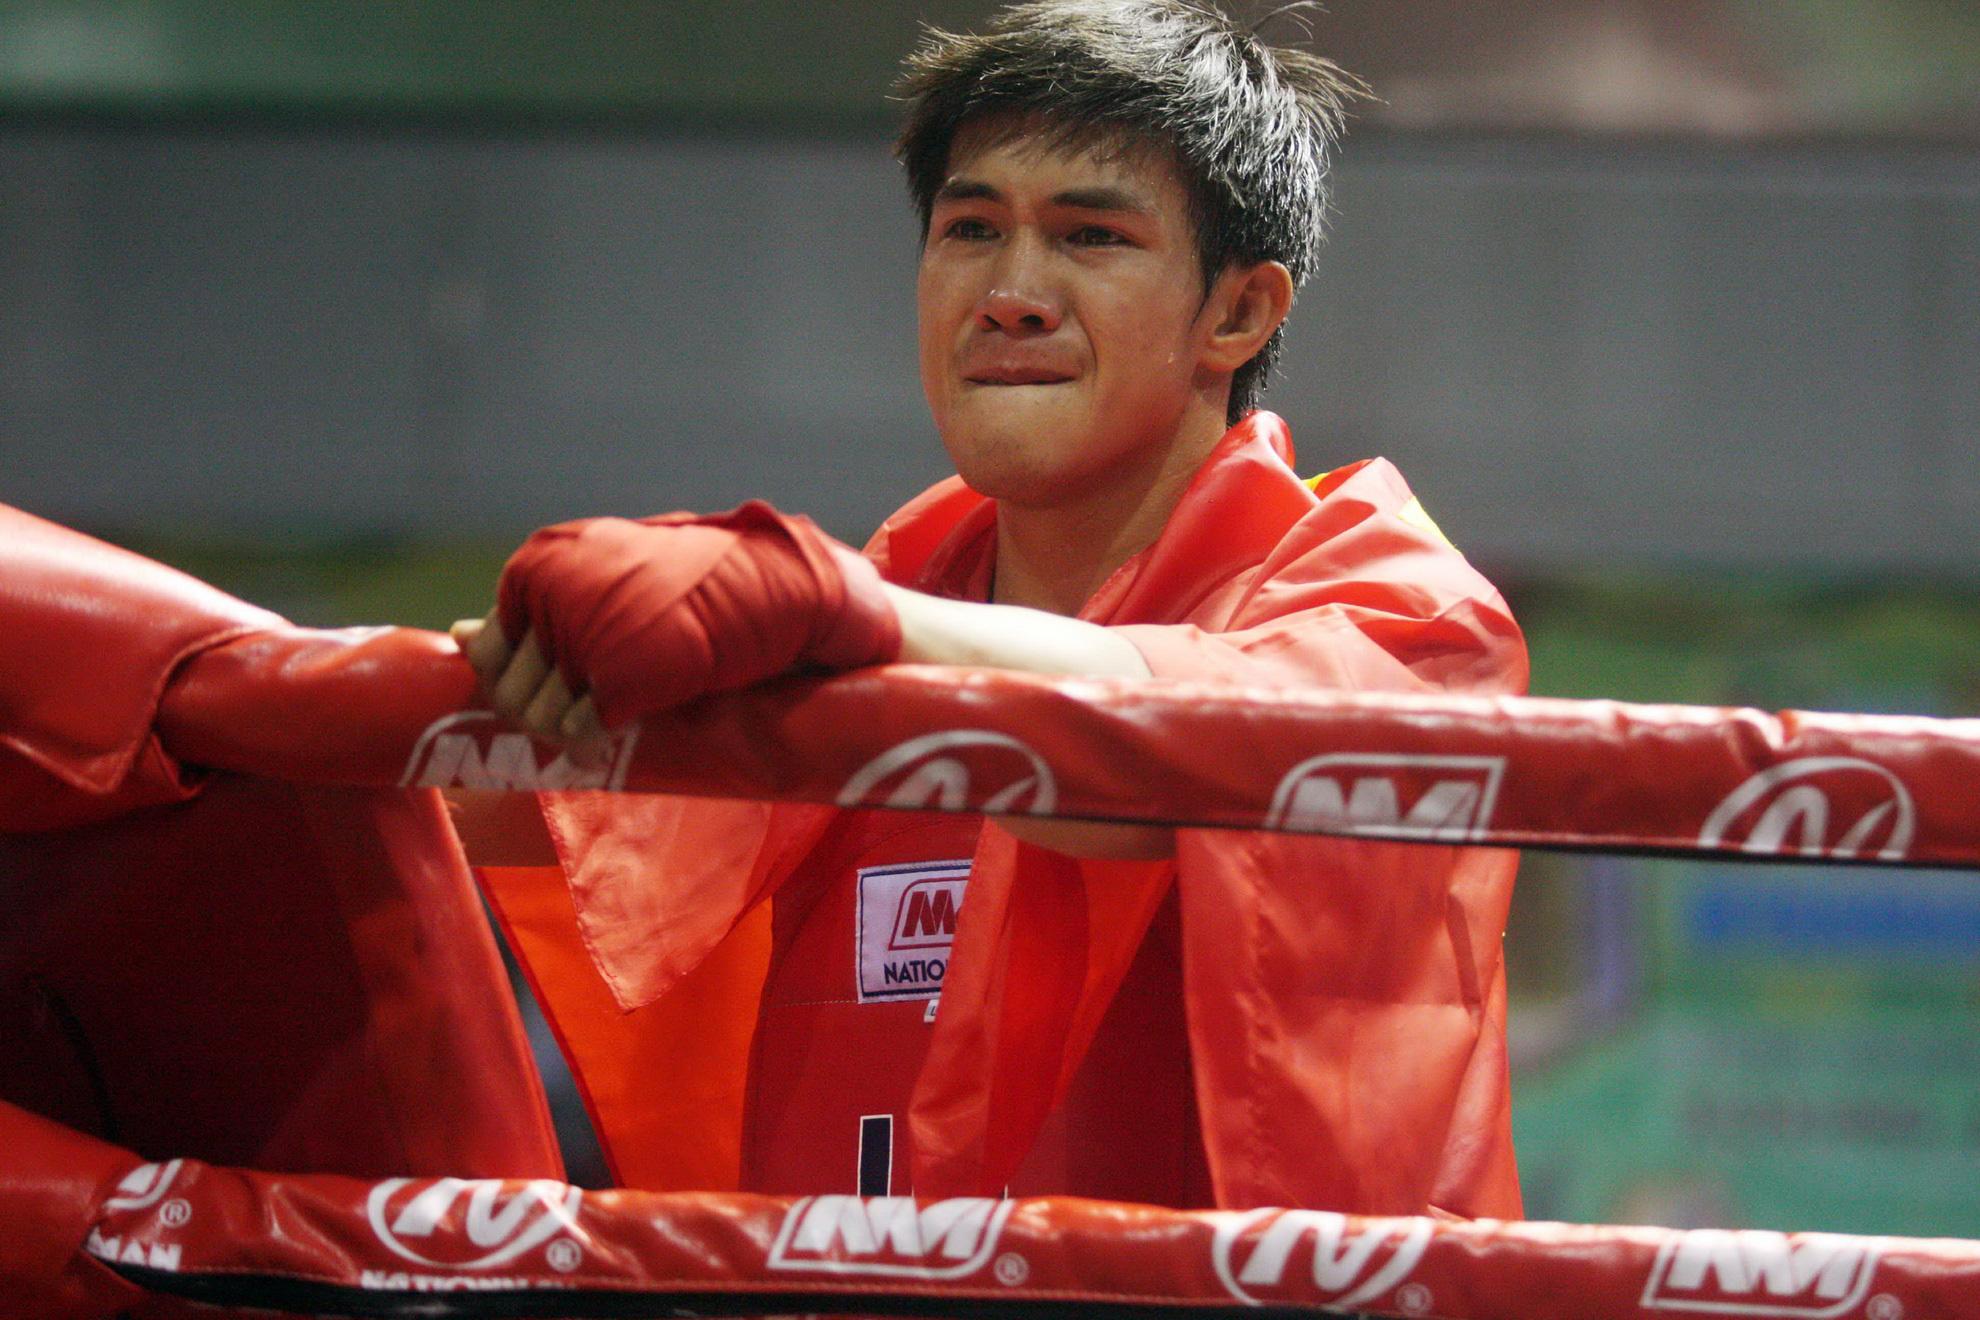 """Nguyễn Trần Duy Nhất bật khóc vì """"trò hề"""" ở """"ao làng"""" SEA Games - Ảnh 3."""